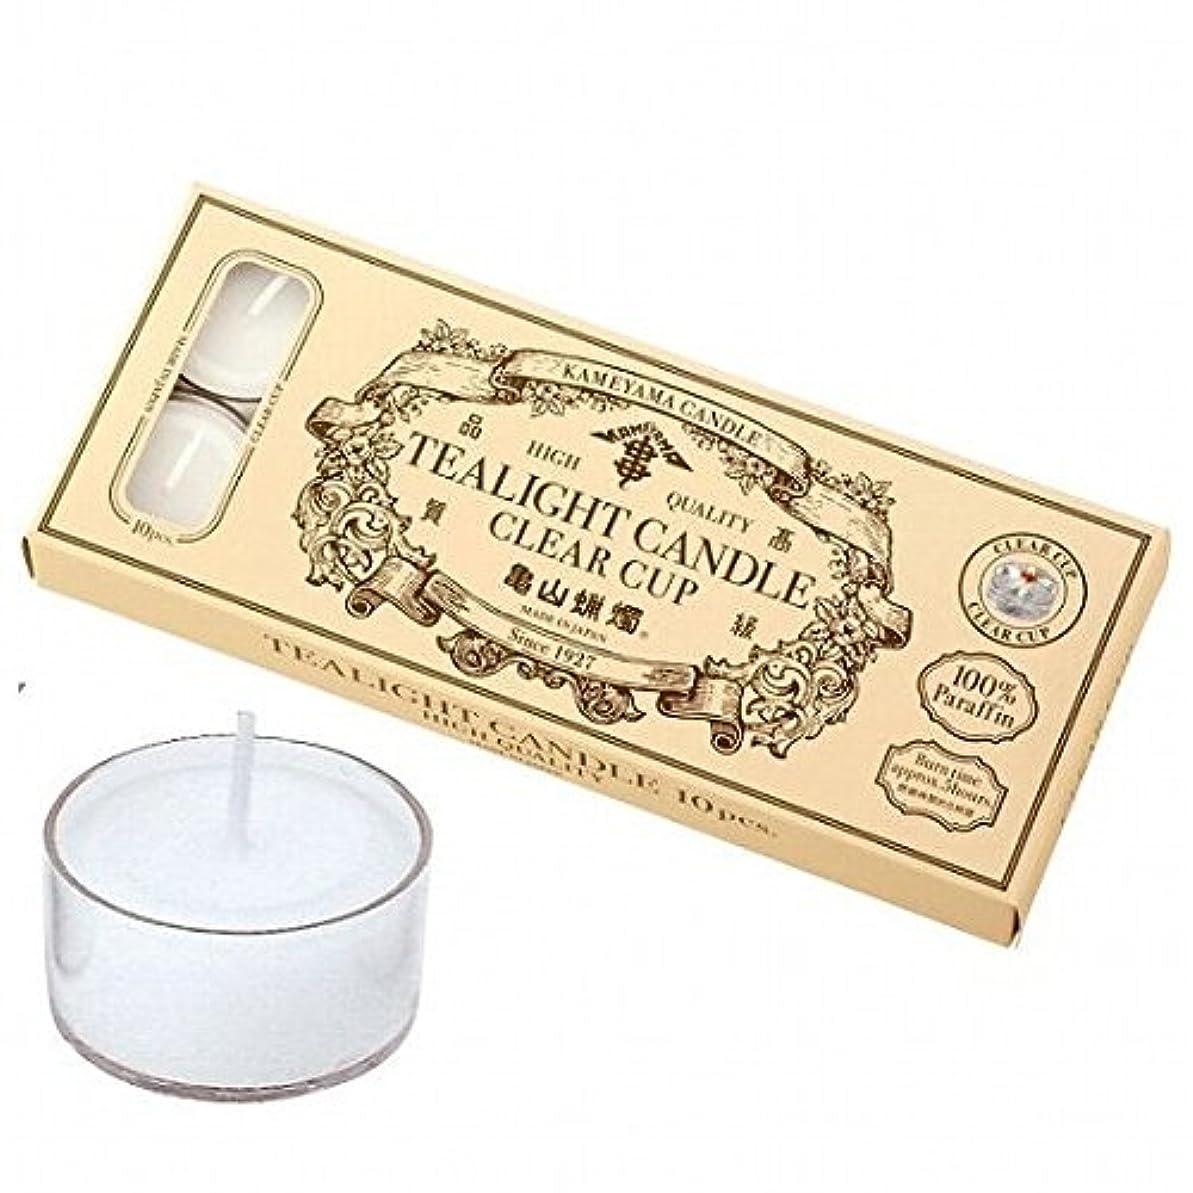 主婦蒸し器ランチョンkameyama candle(カメヤマキャンドル) 亀山ティーライトクリア10個?日本製 キャンドル(83506610)